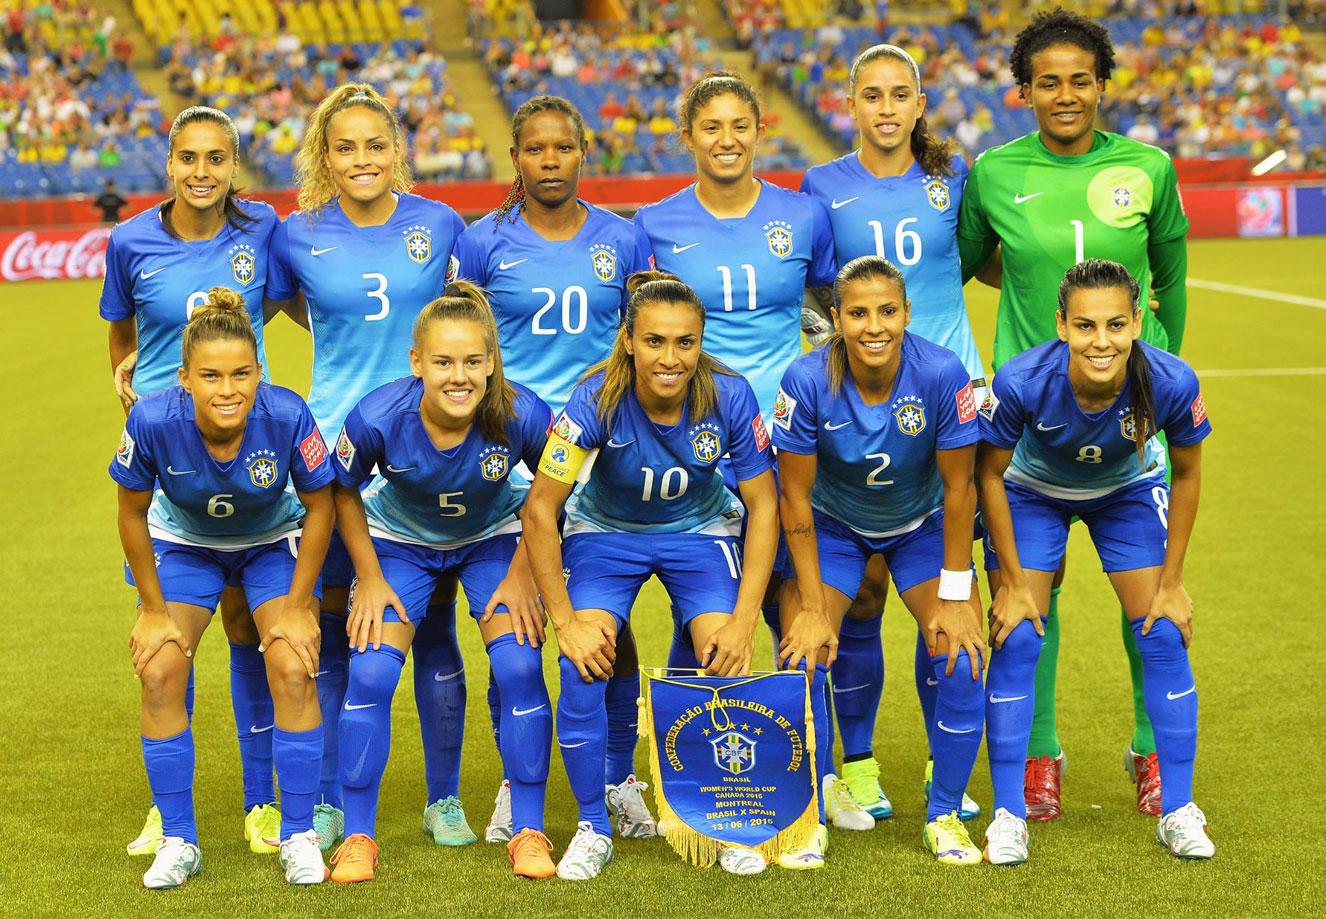 Na França, Brasil tenta coroar geração de ouro com título da Copa do Mundo Feminina